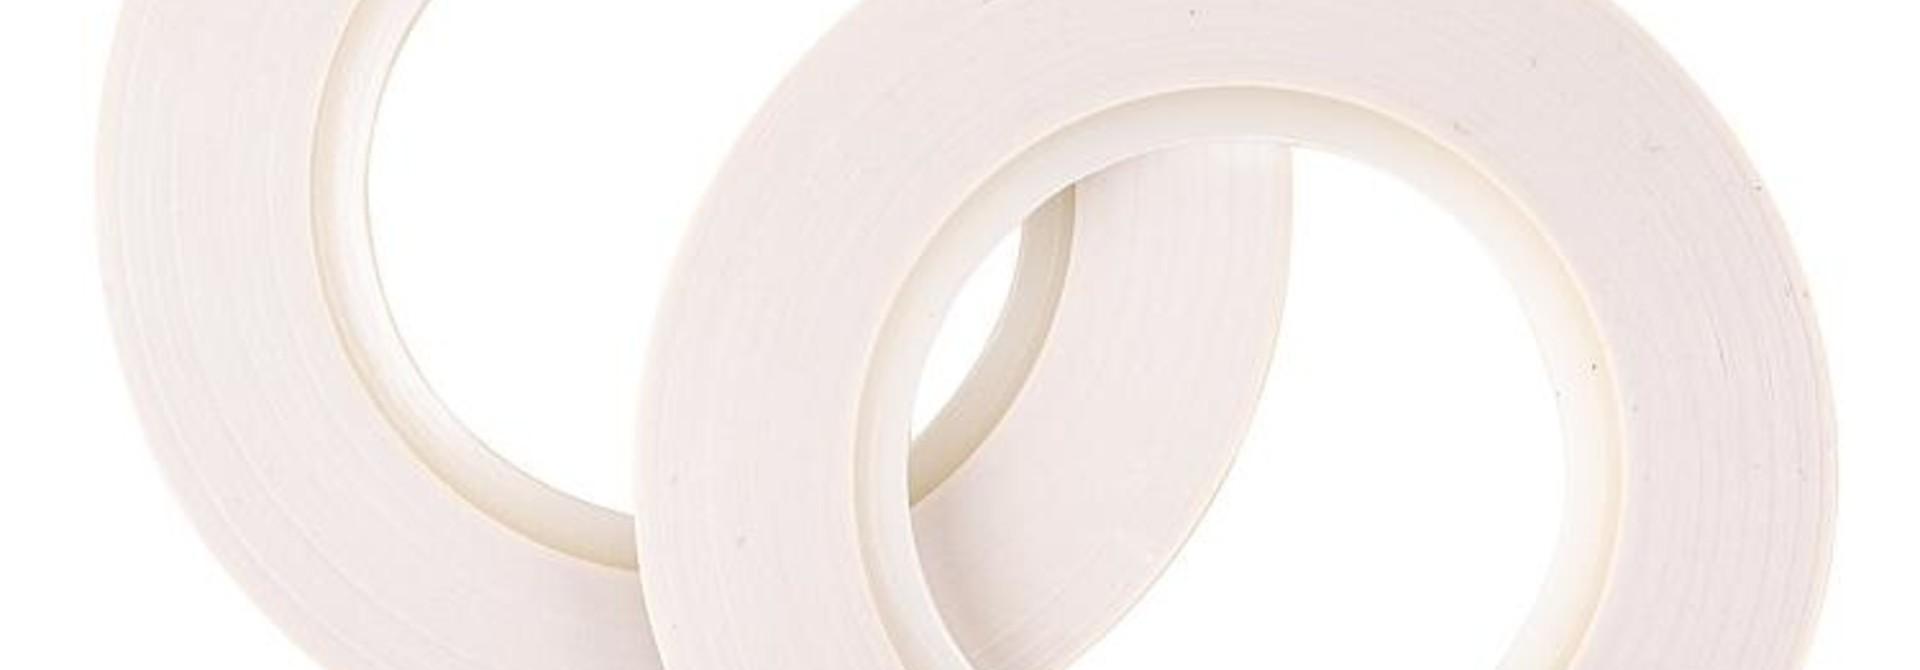 170533 Flexibles Maskierungsklebeband, 2 mm und 3 mm breit